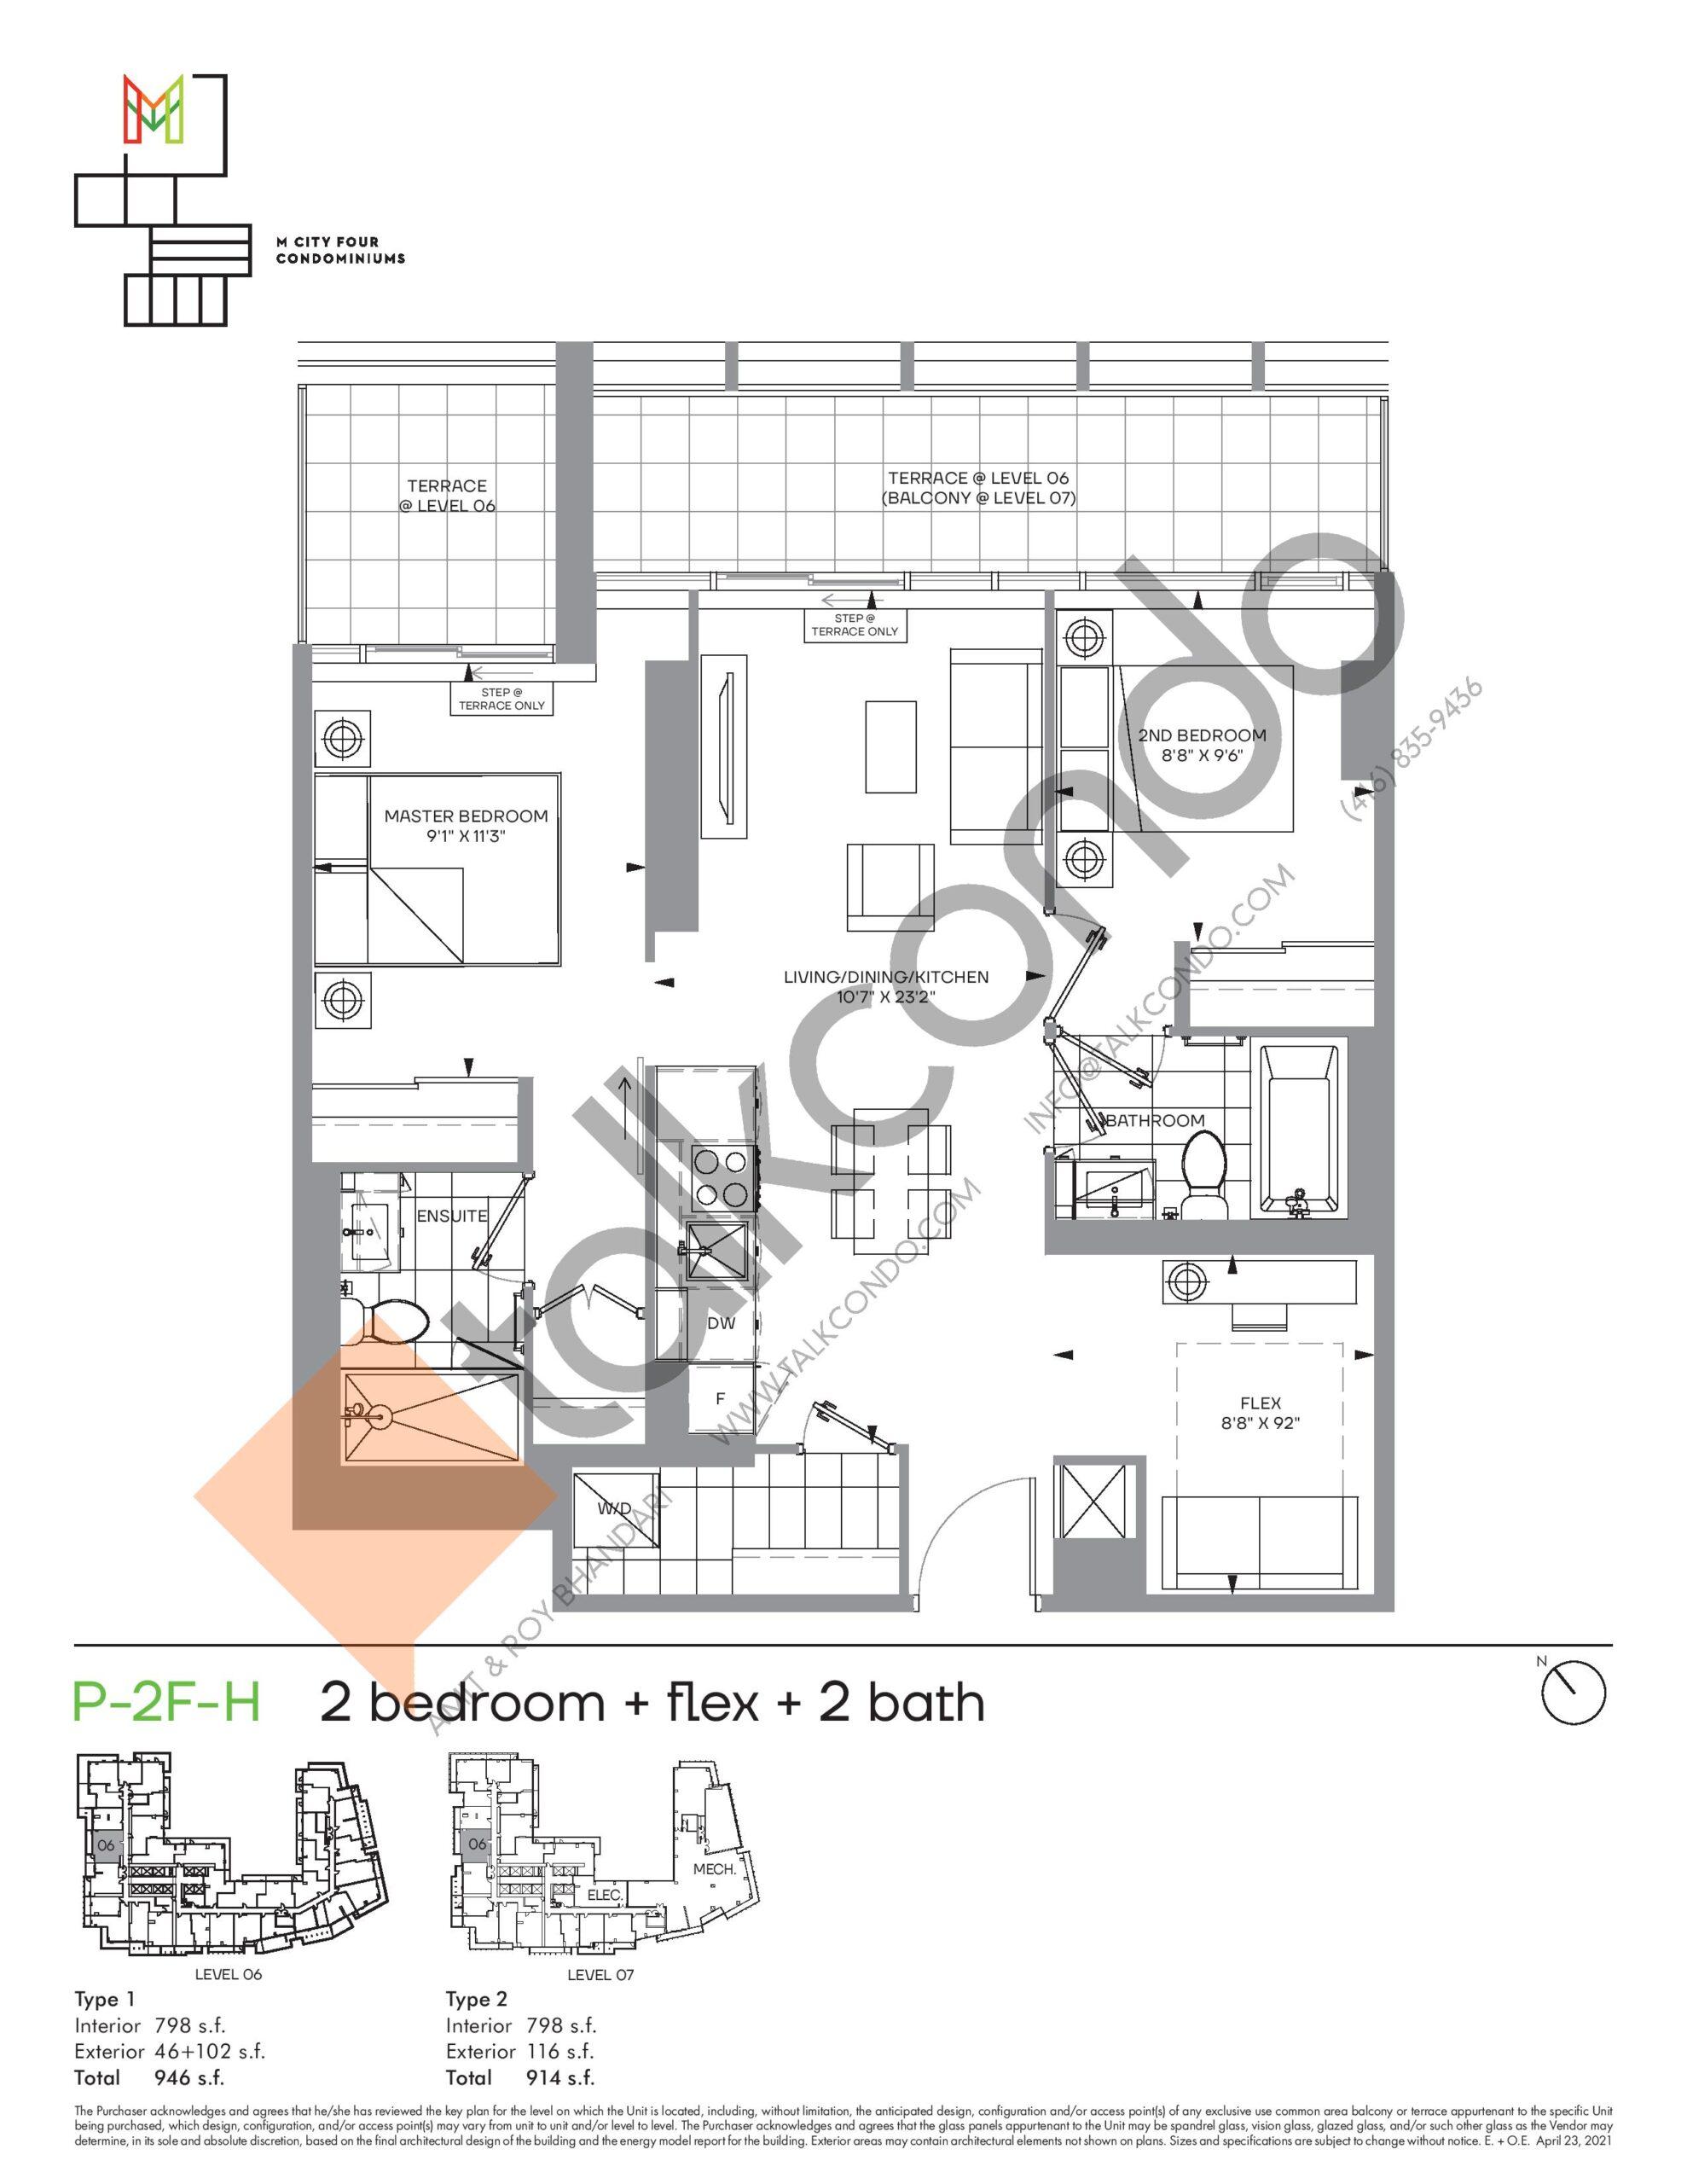 P-2F-H (Podium) Floor Plan at M4 Condos - 798 sq.ft